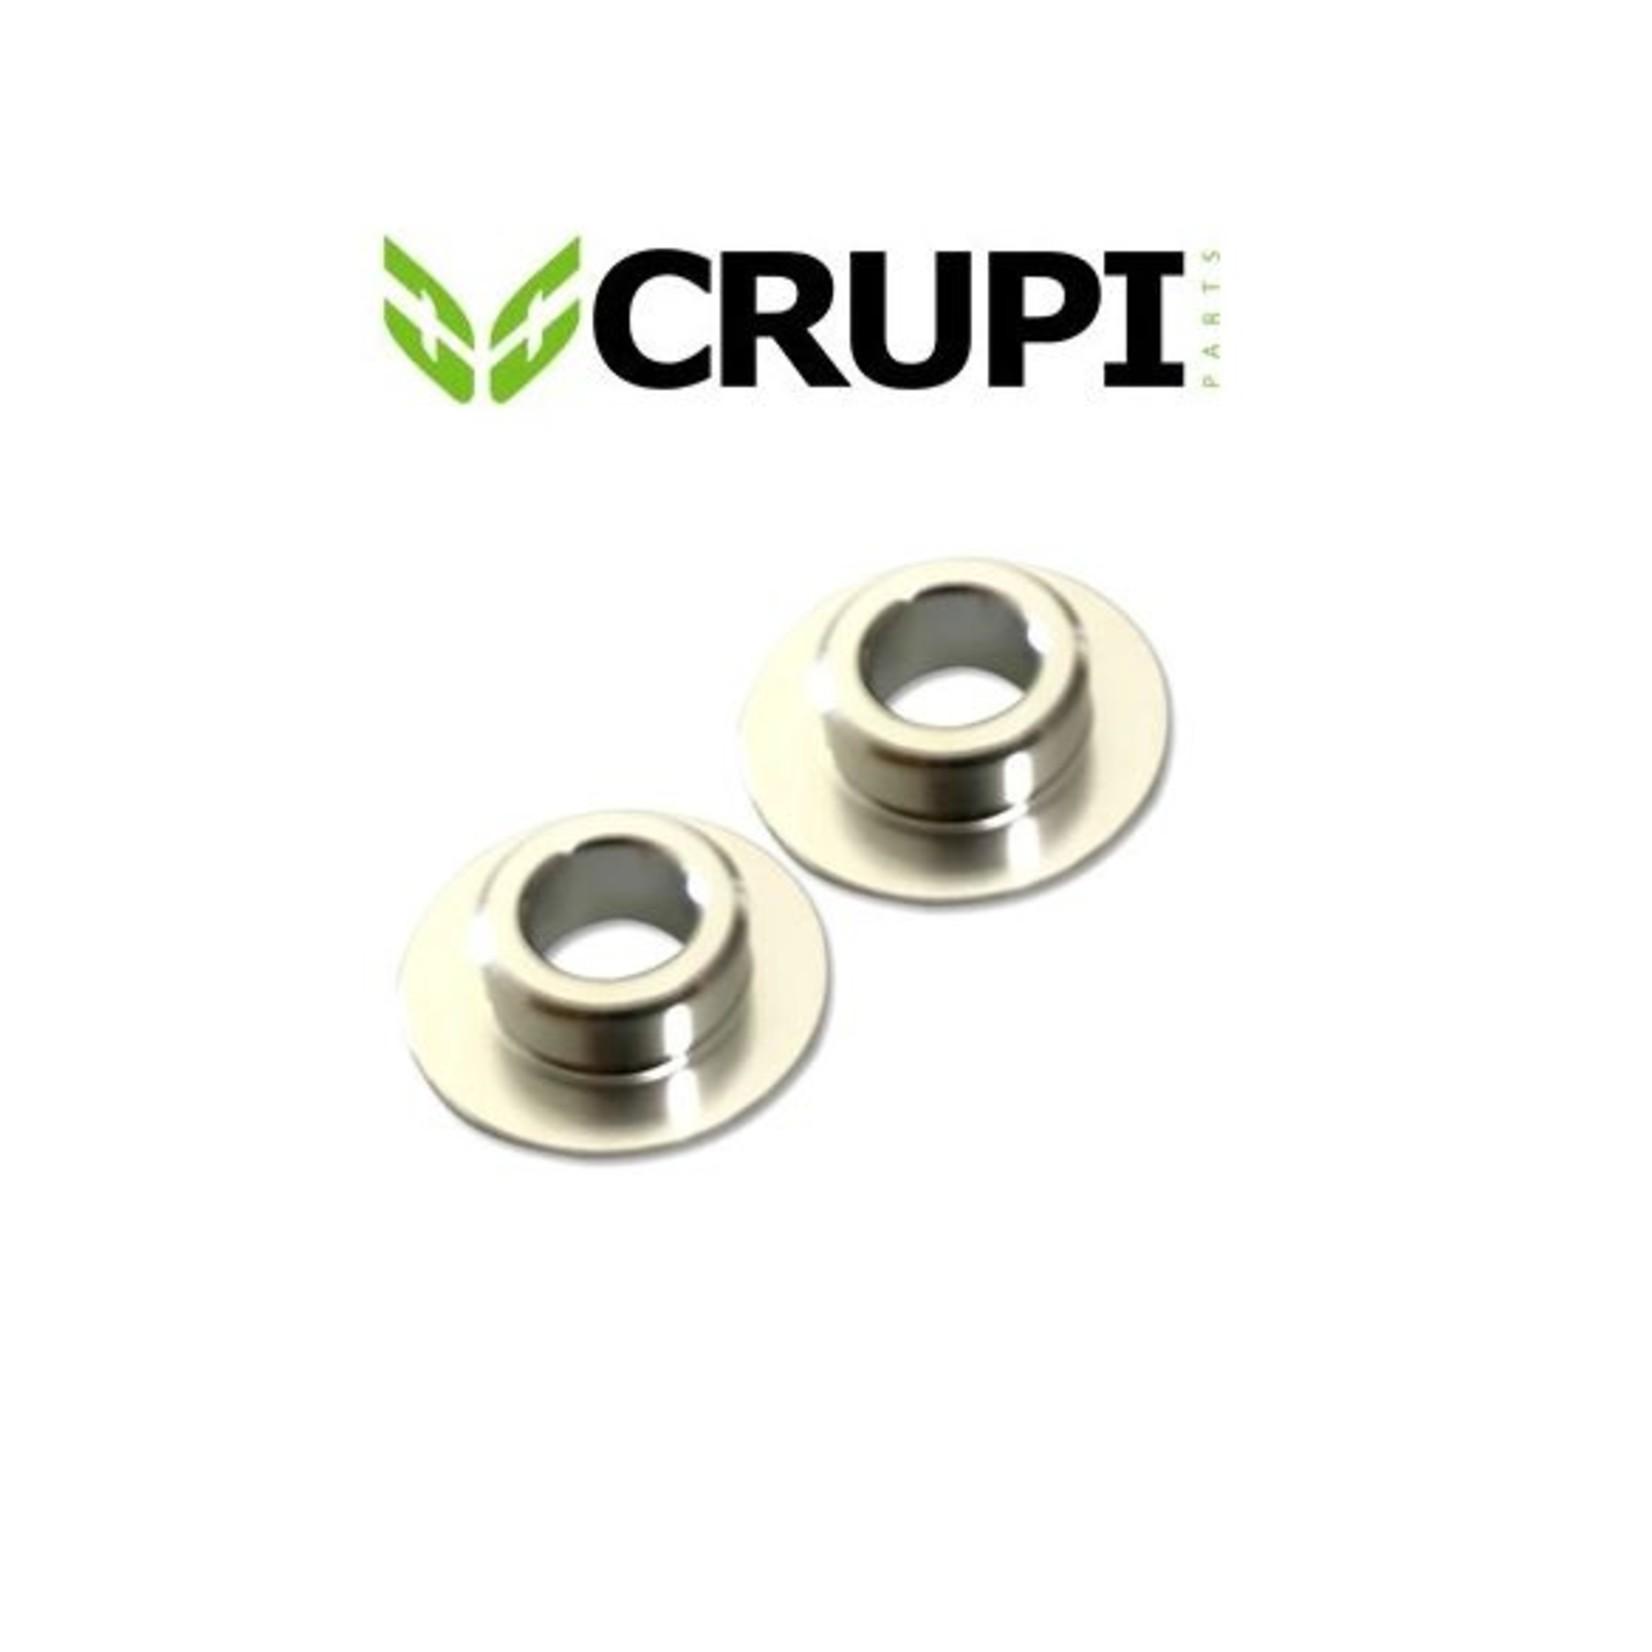 Crupi Crupi Solo Chain Tensioner Washer Set